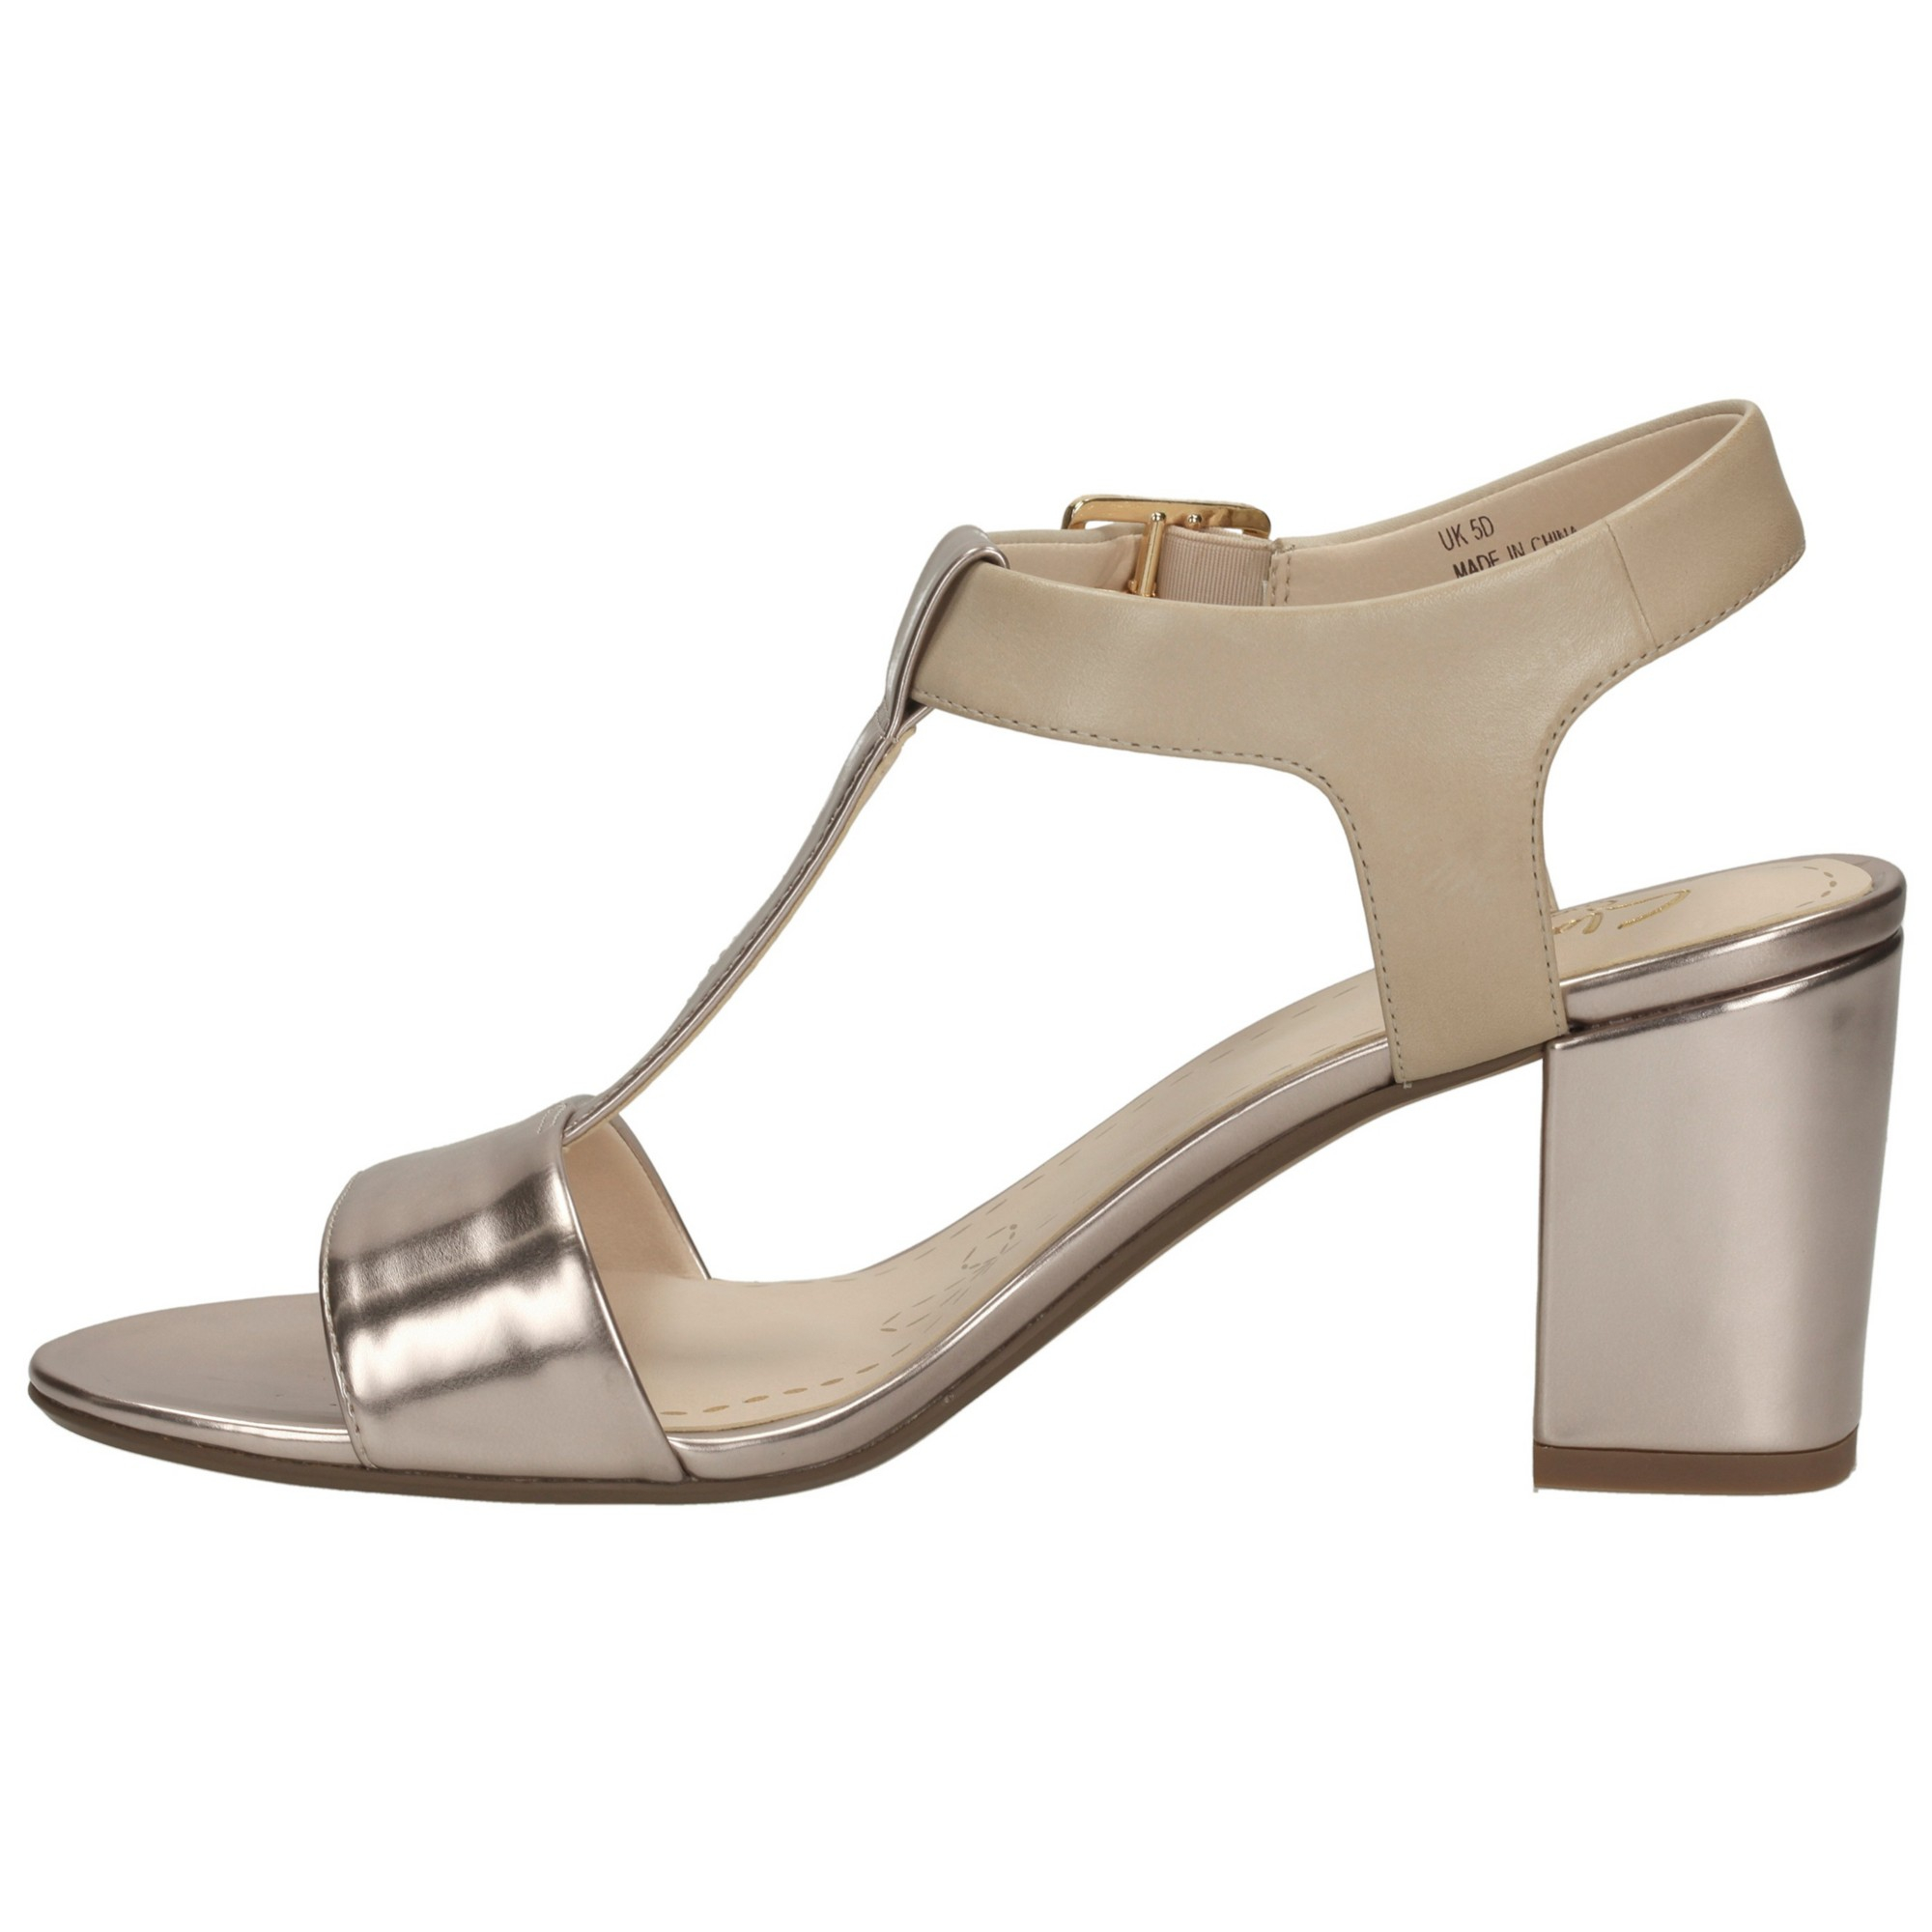 0ffe5a3d700 Clarks Smart Deva Leather Sandals in Metallic - Lyst